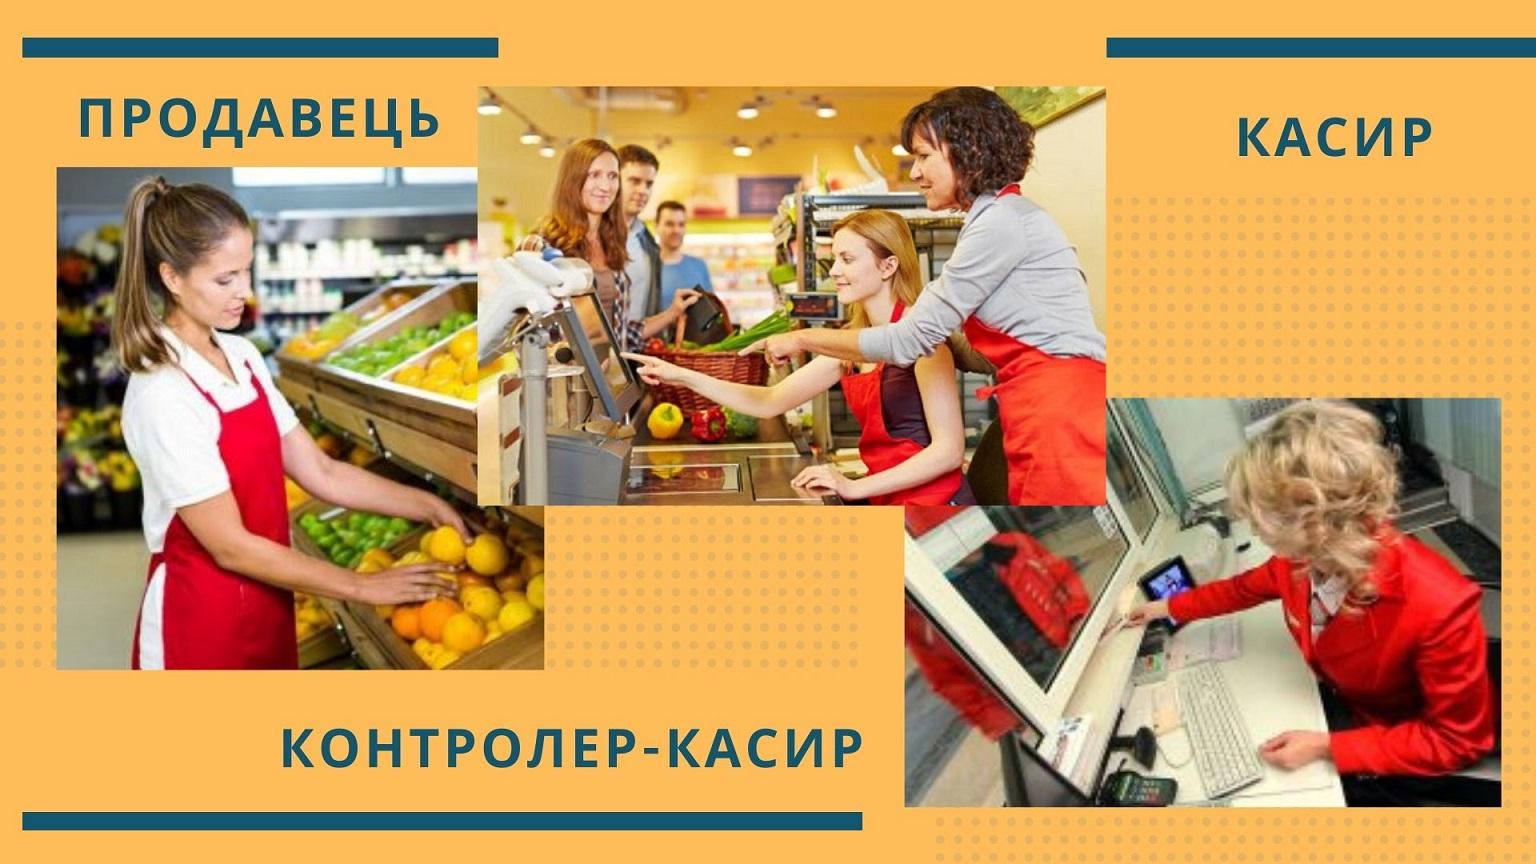 Продавець Касир Профосвіта Полтавщини